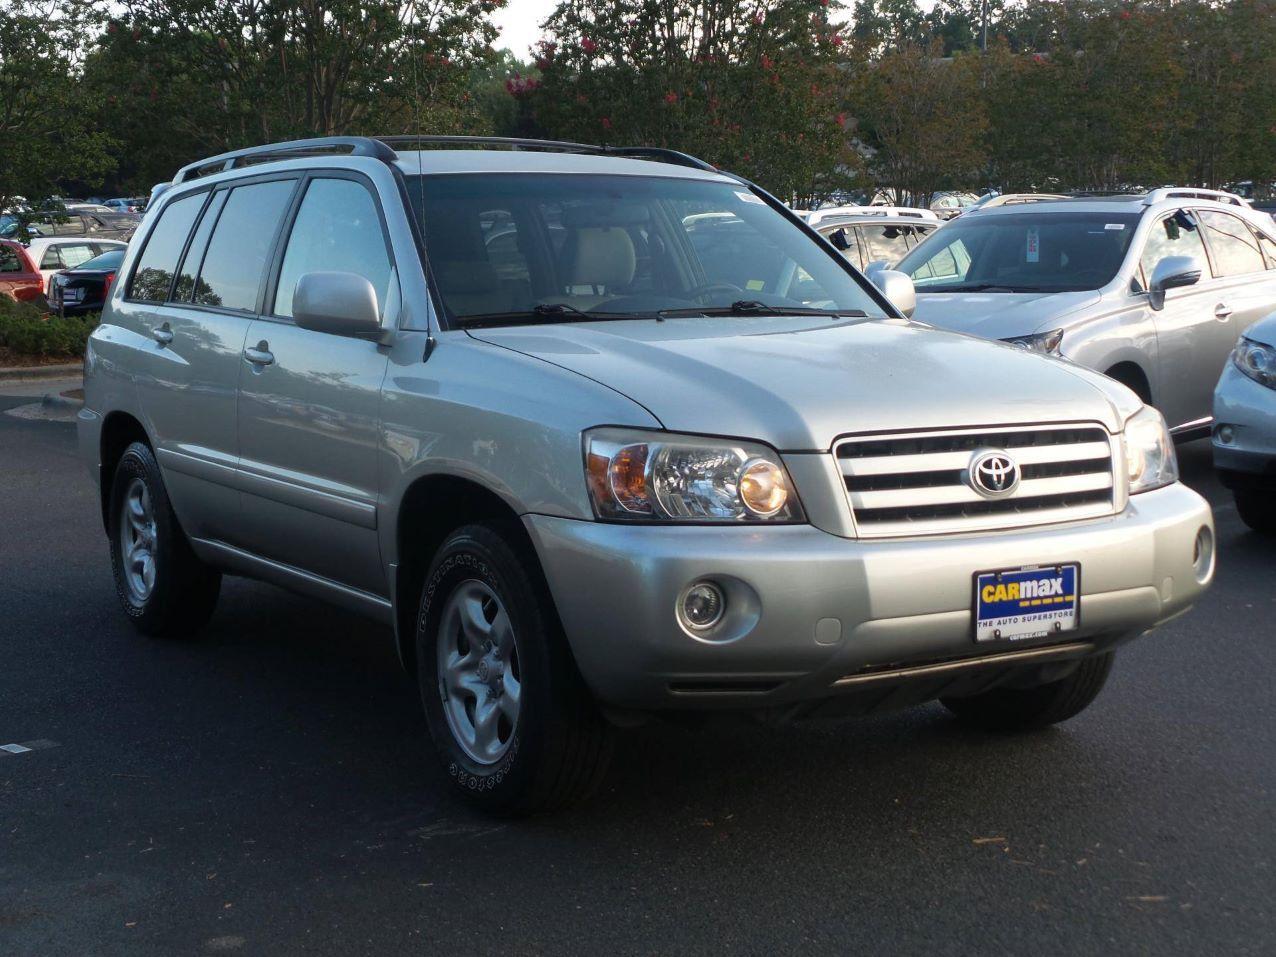 2007 Toyota Highlander 12,998 / 93K miles NOT TOO SHABBY